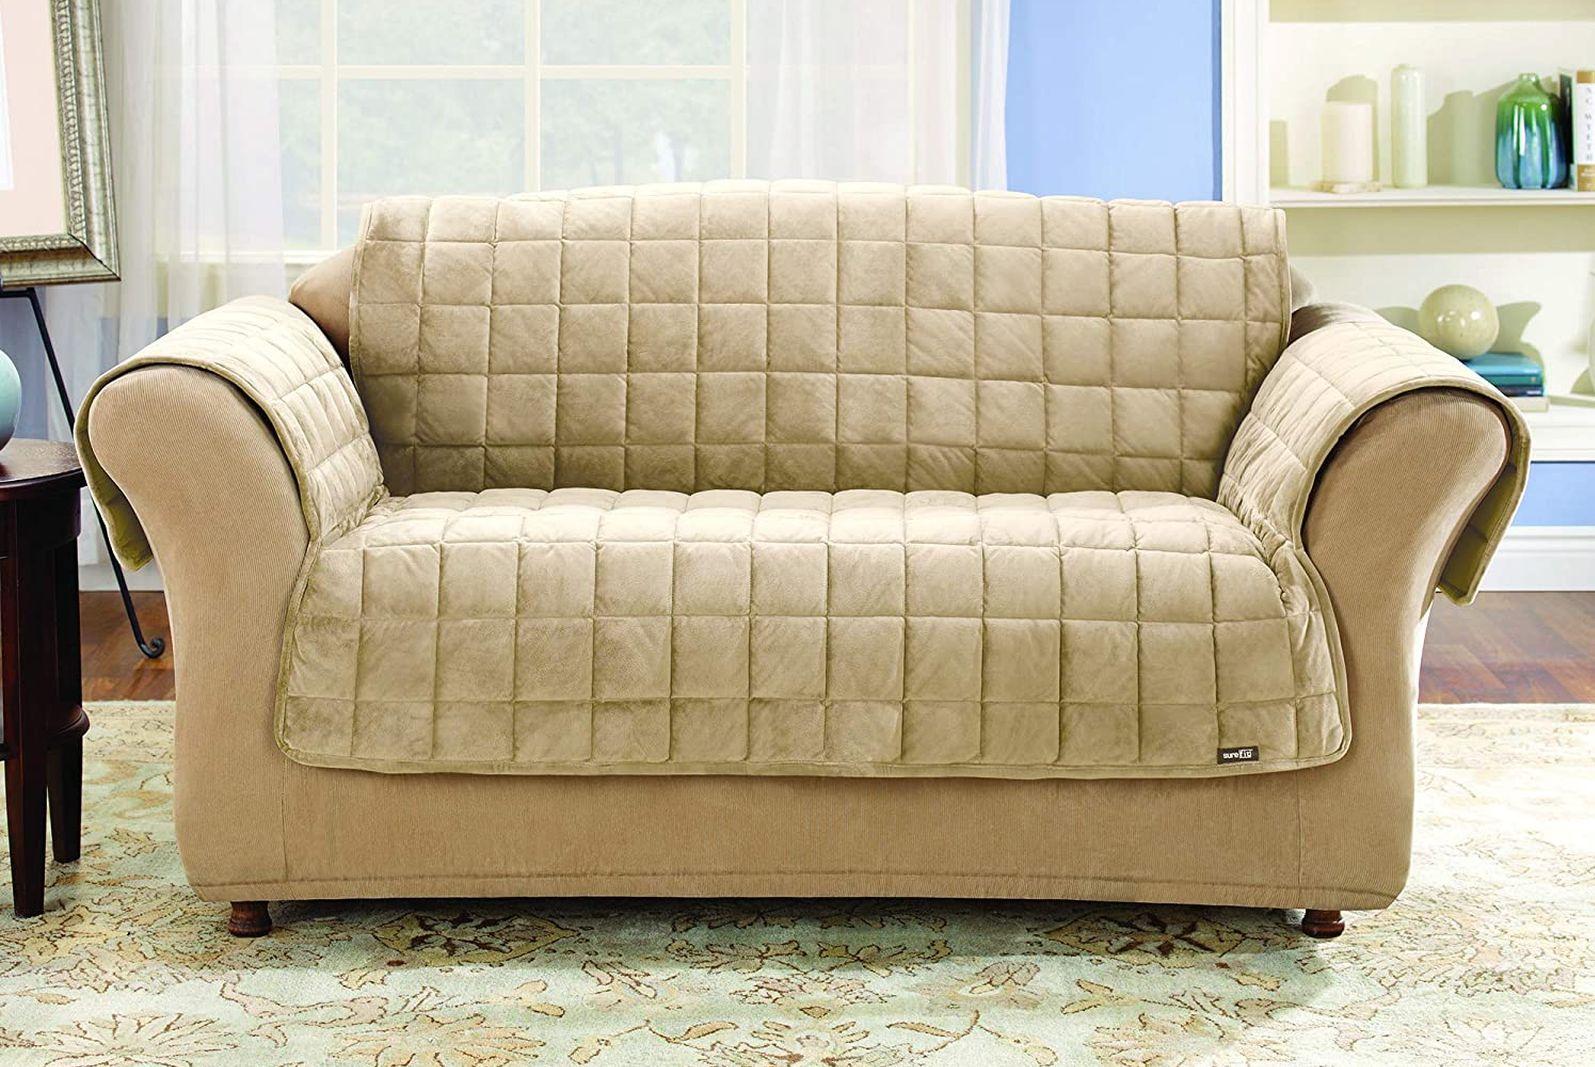 mejores fundas de sofá para perros